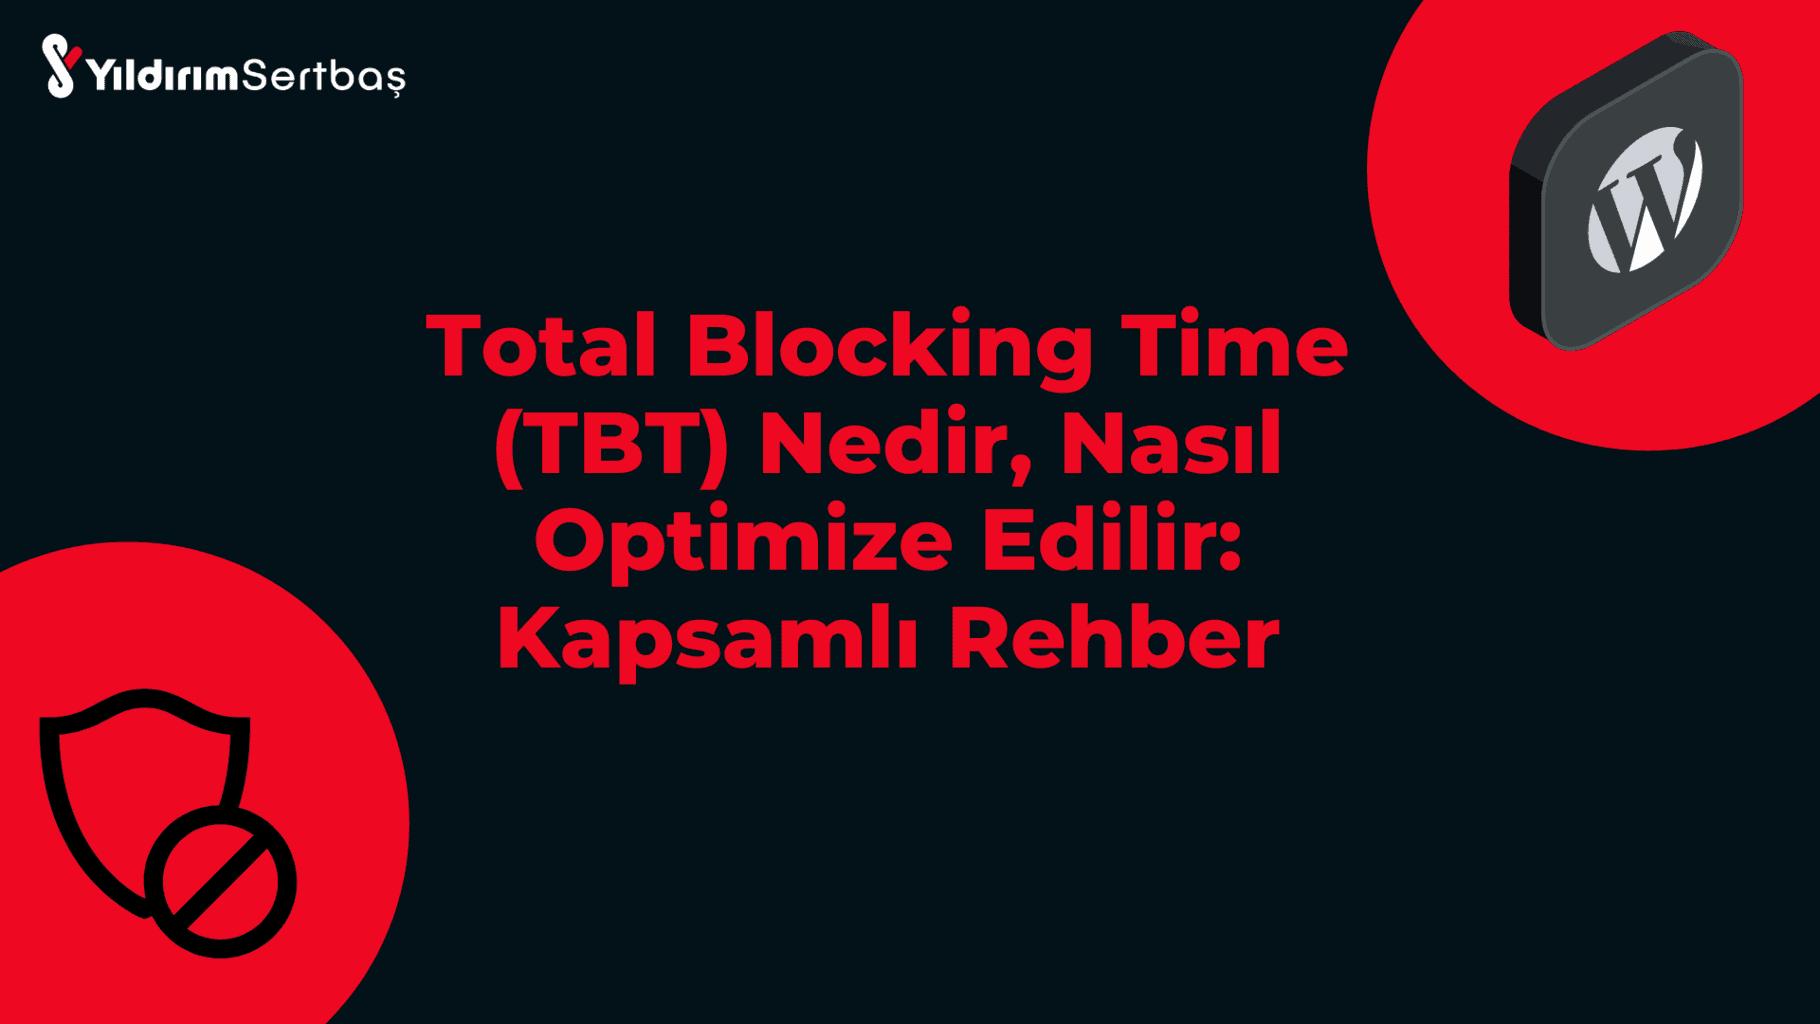 Total Blocking Time (TBT) Nedir, Nasıl Optimize Edilir